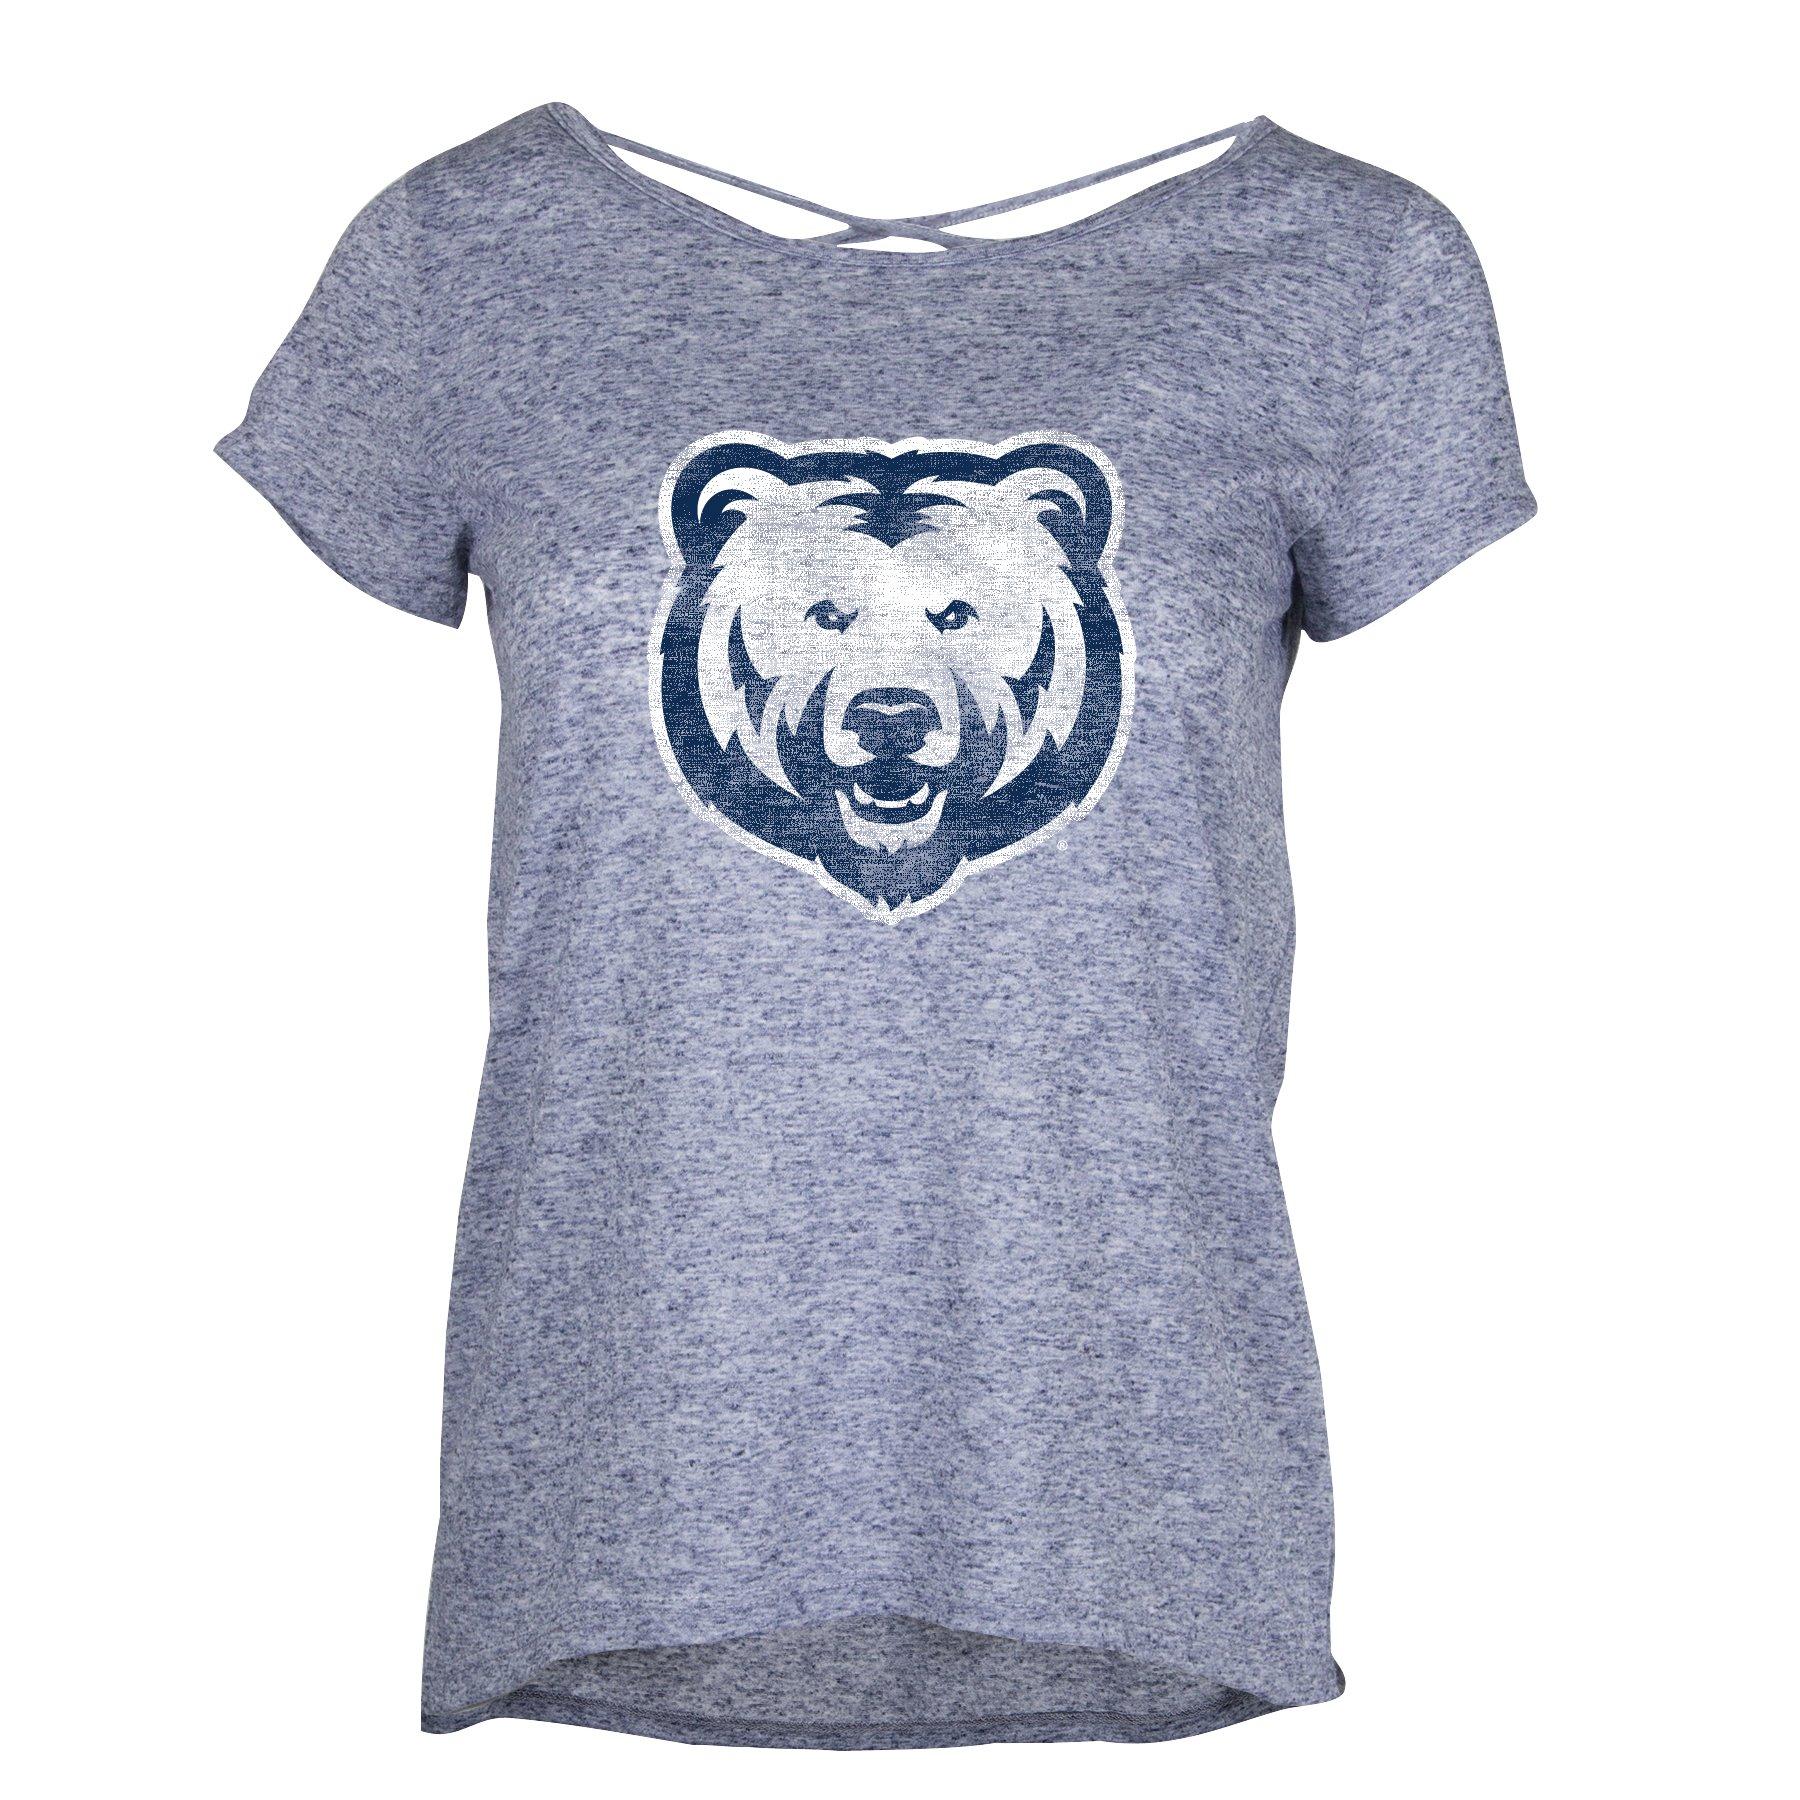 Criss Cross UNC Bear T-shirt